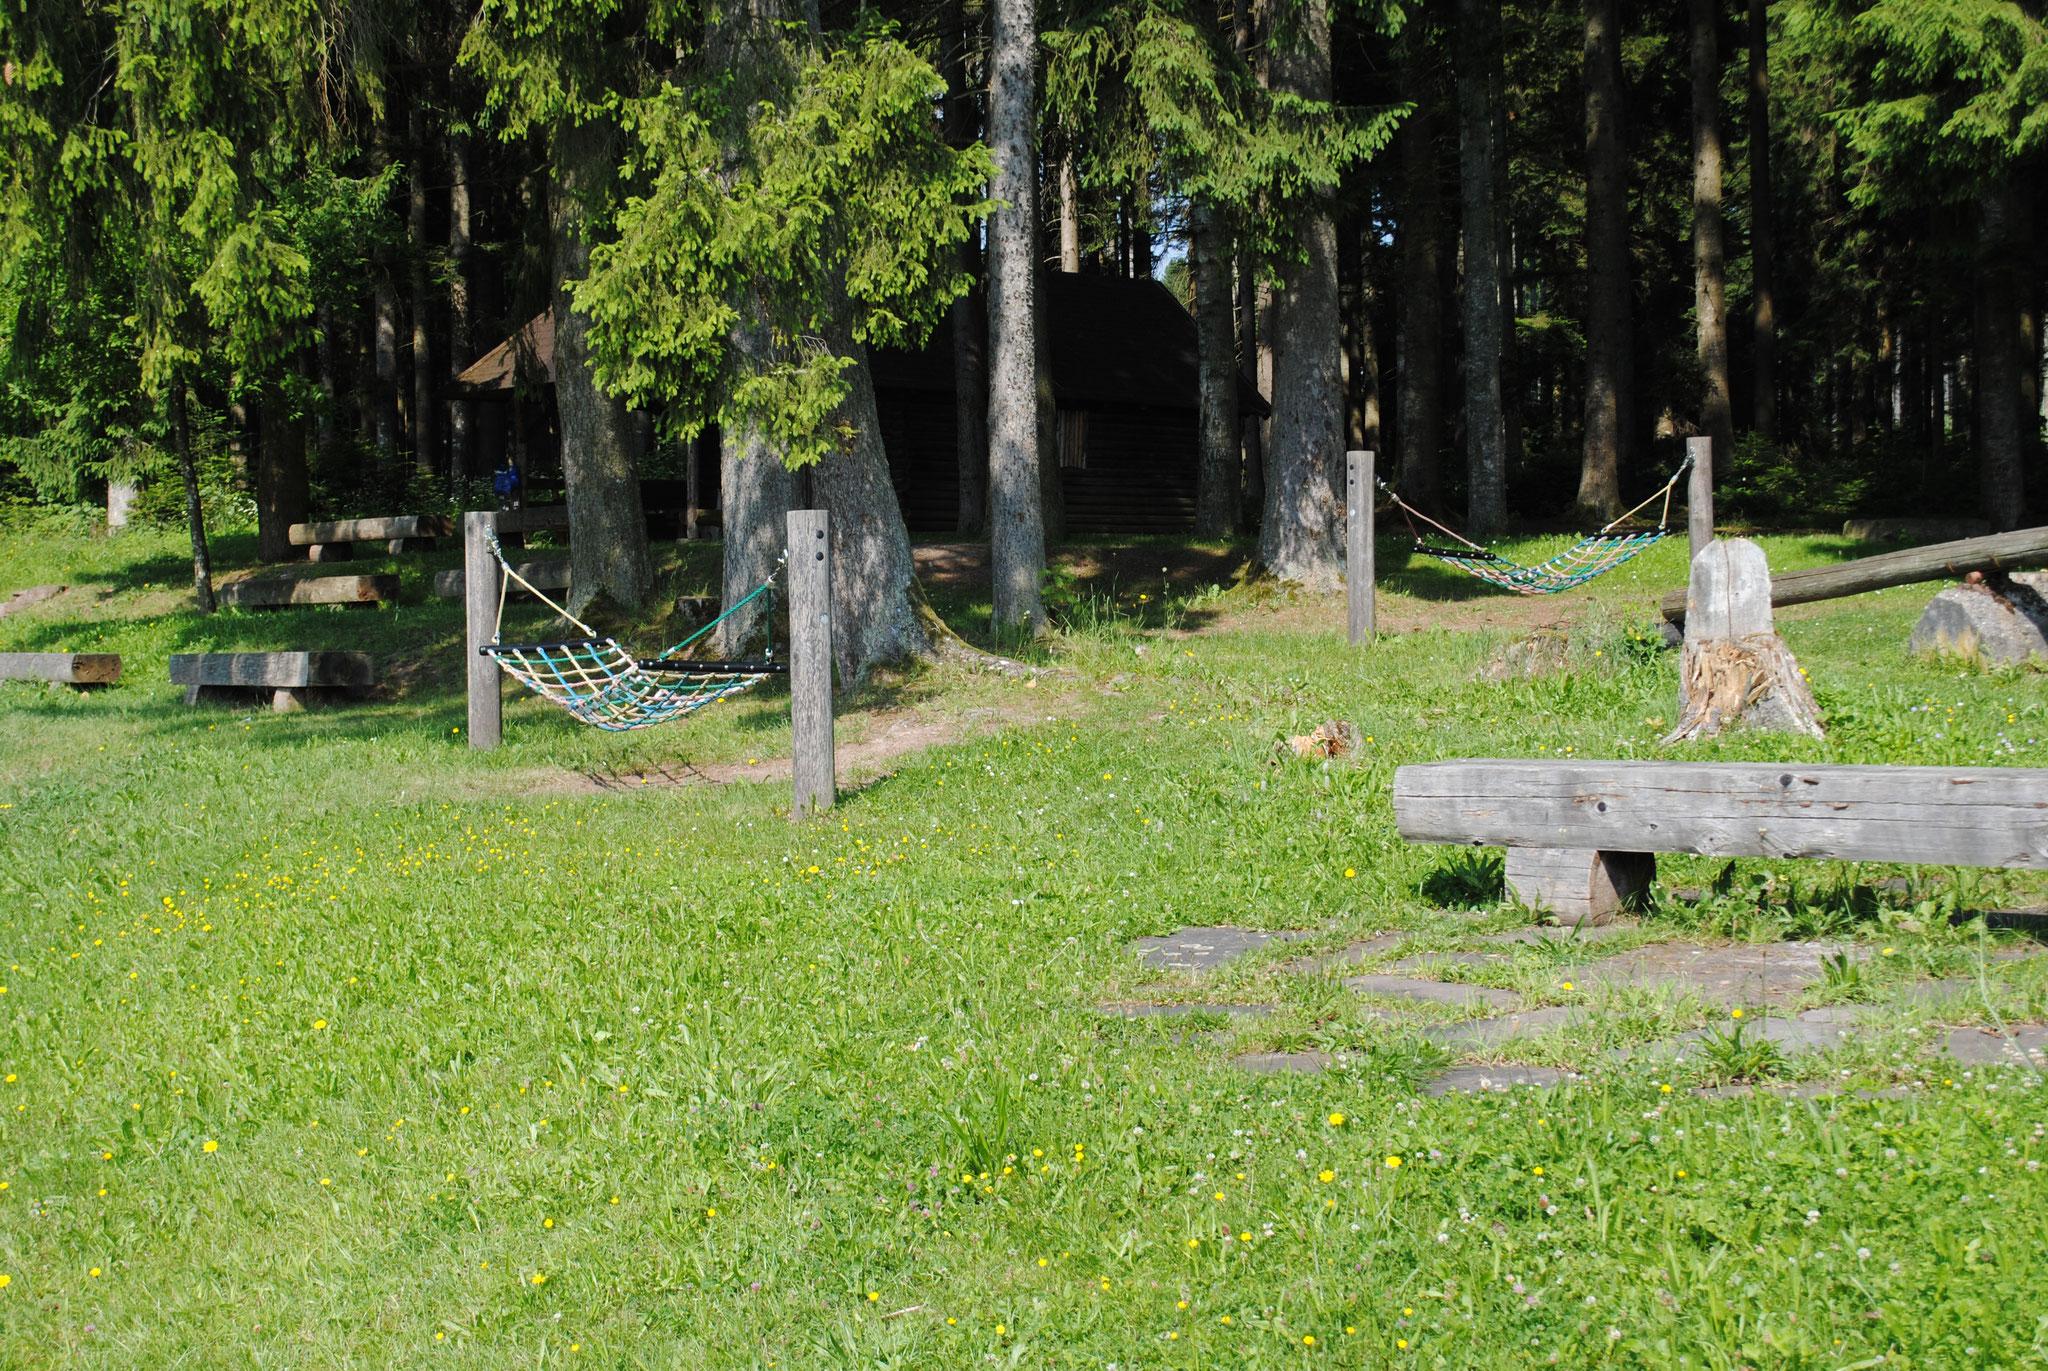 Ruheplatz Hörschweiler Hütte bei Waldachtal Lützenhardt